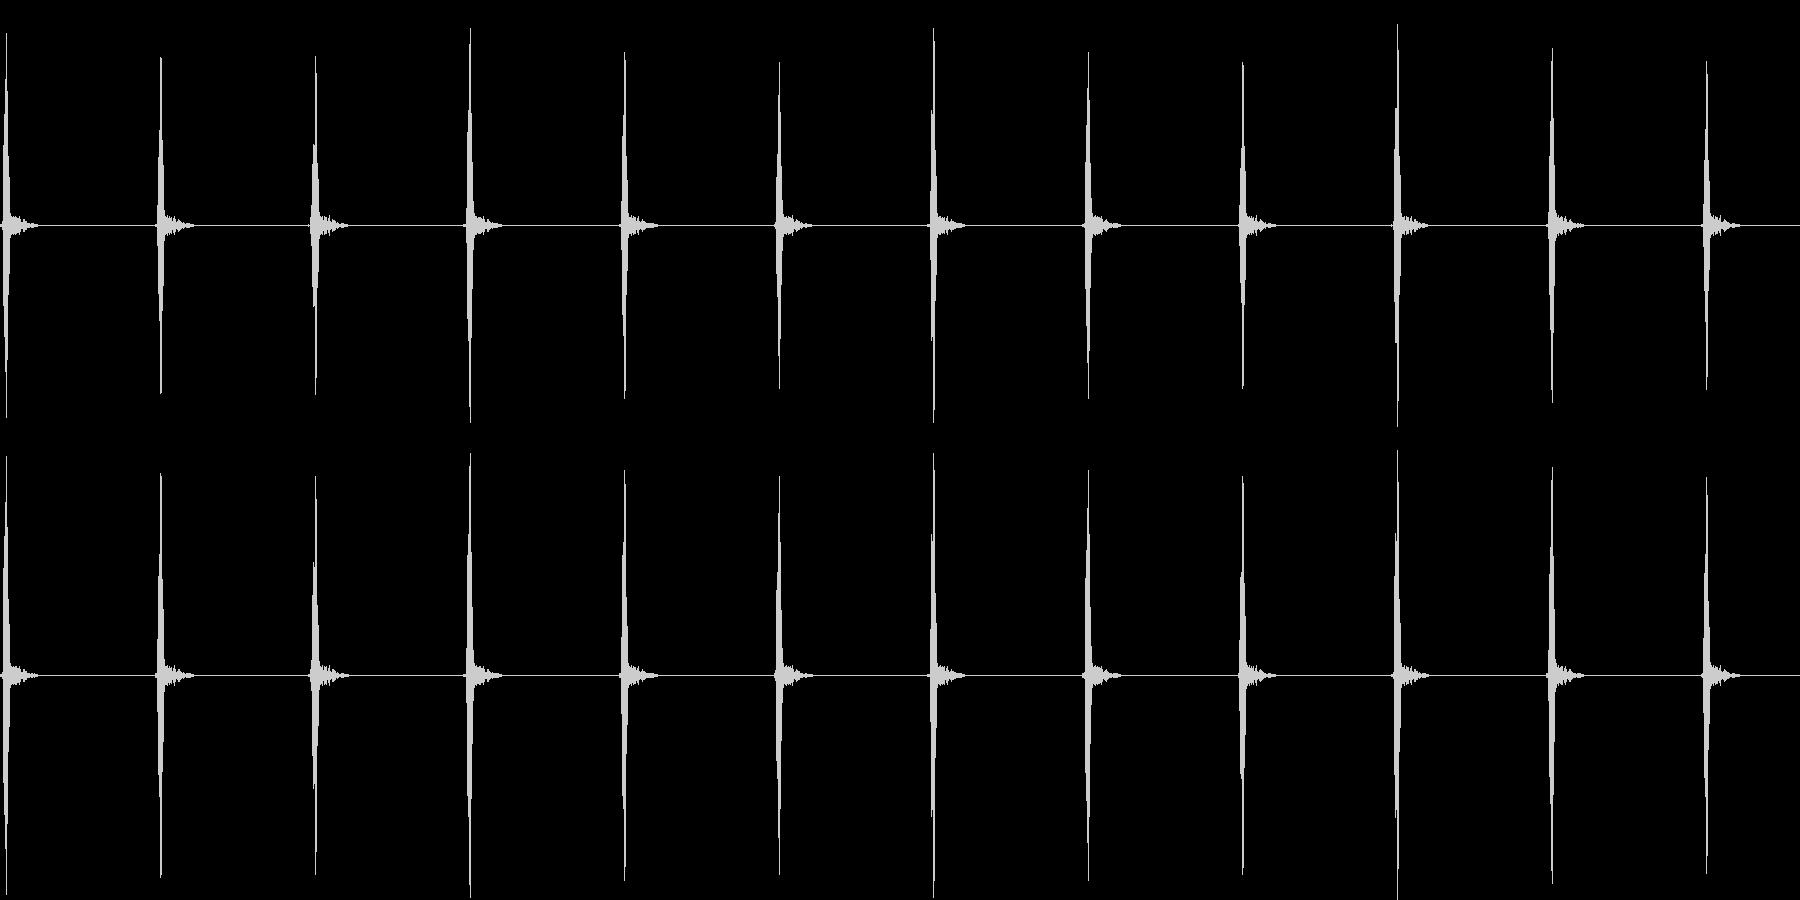 ハートモニター;乳児/胎児2; E...の未再生の波形